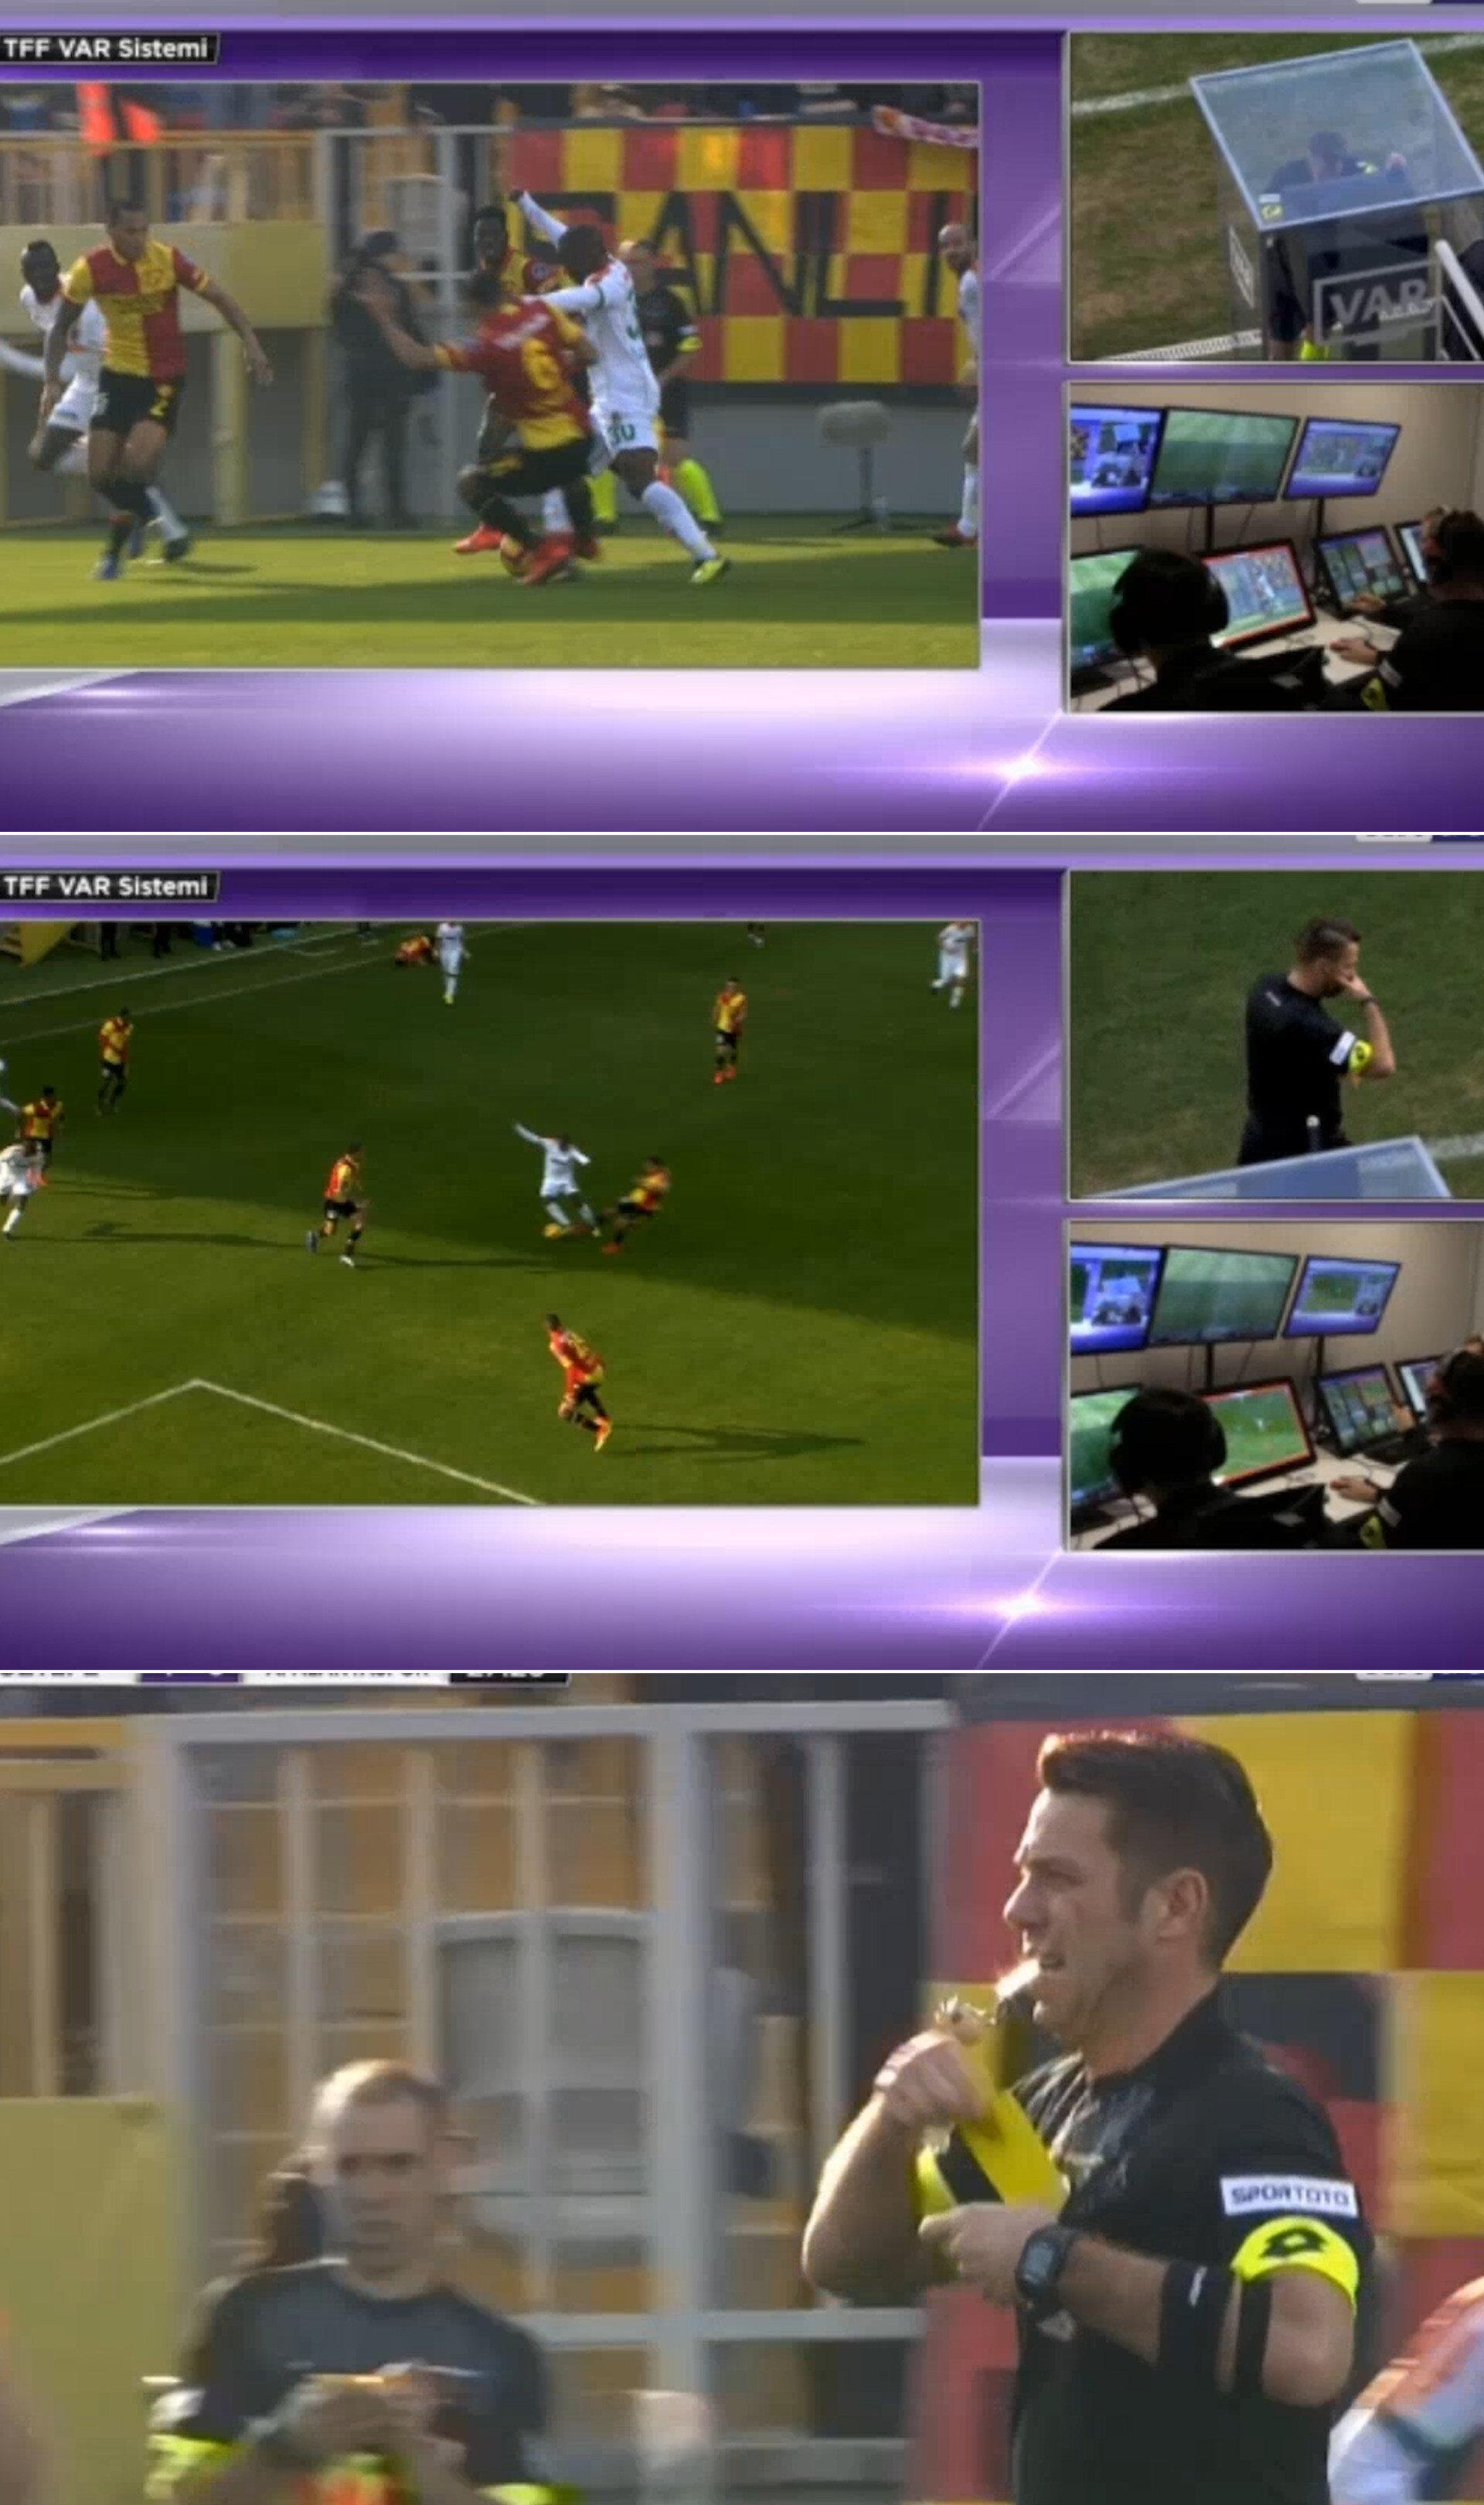 Görüntüler beIN Sports'tan alınmıştır.